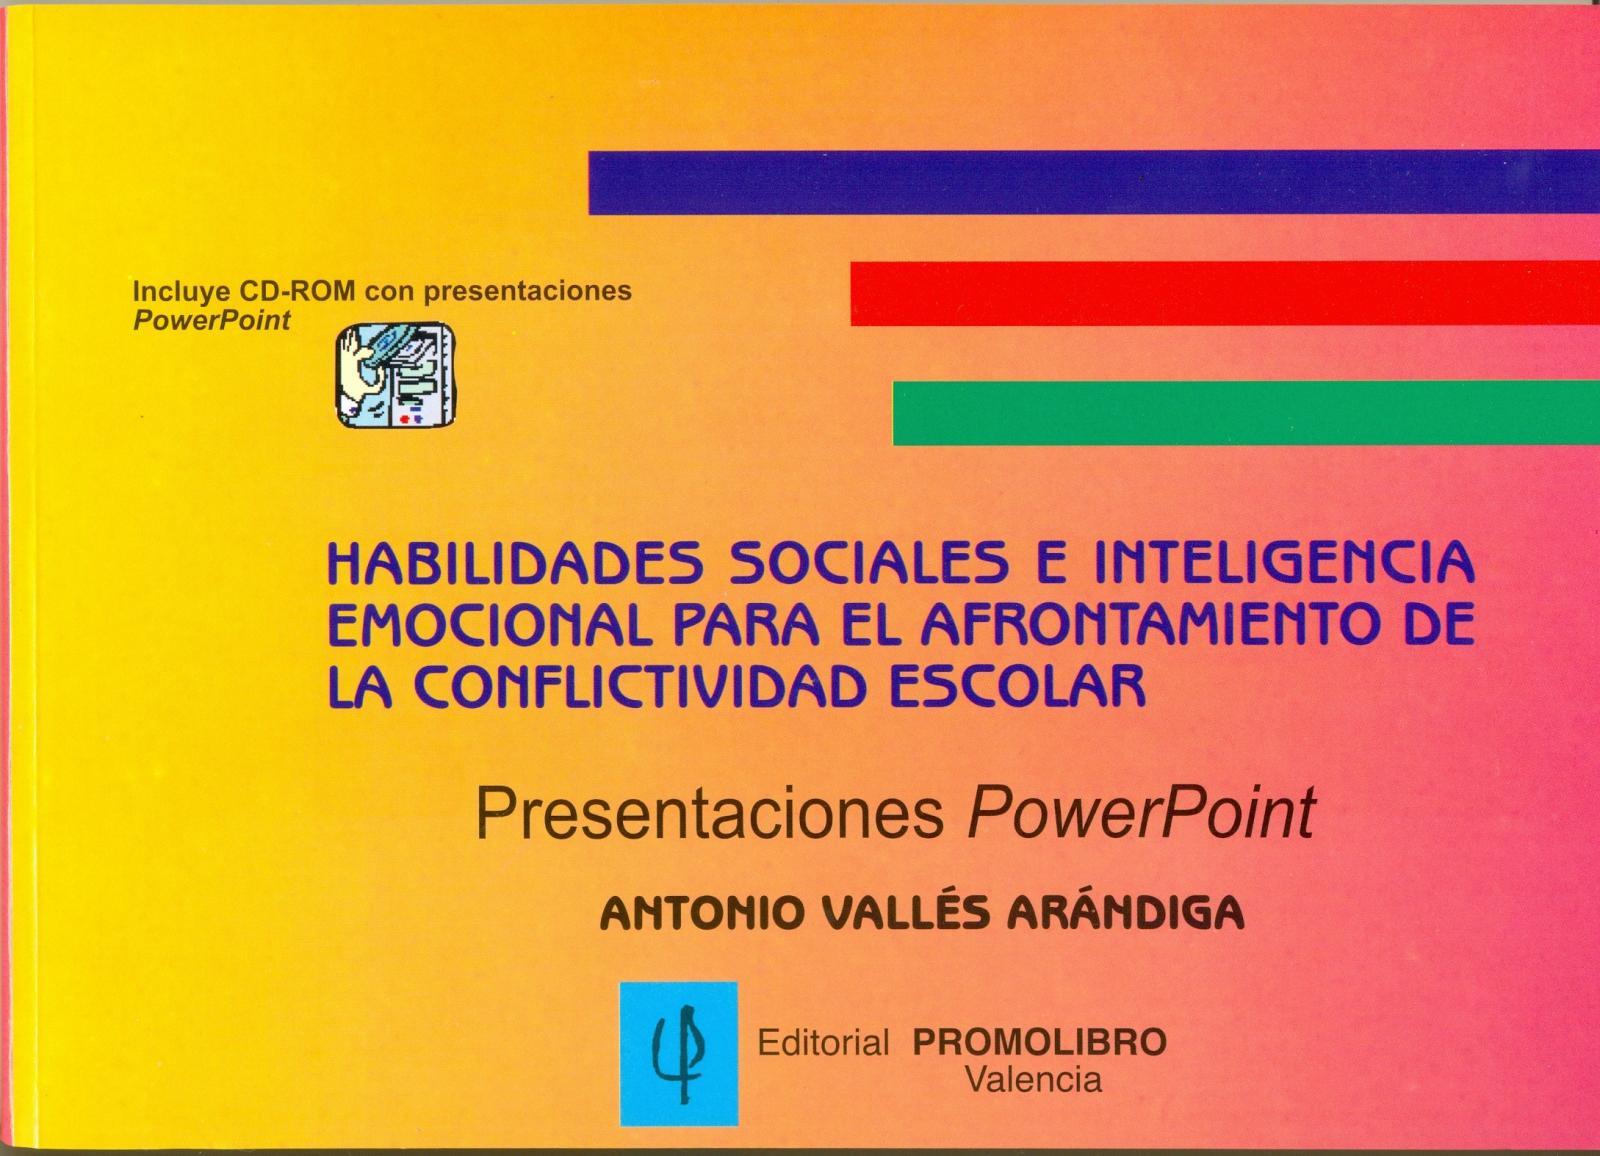 HABILIDADES SOCIALES E INTELIGENCIA EMOCIONAL PARA EL AFRONTAMIENTO DE LA CONFLICTIVIDAD ESCOLAR